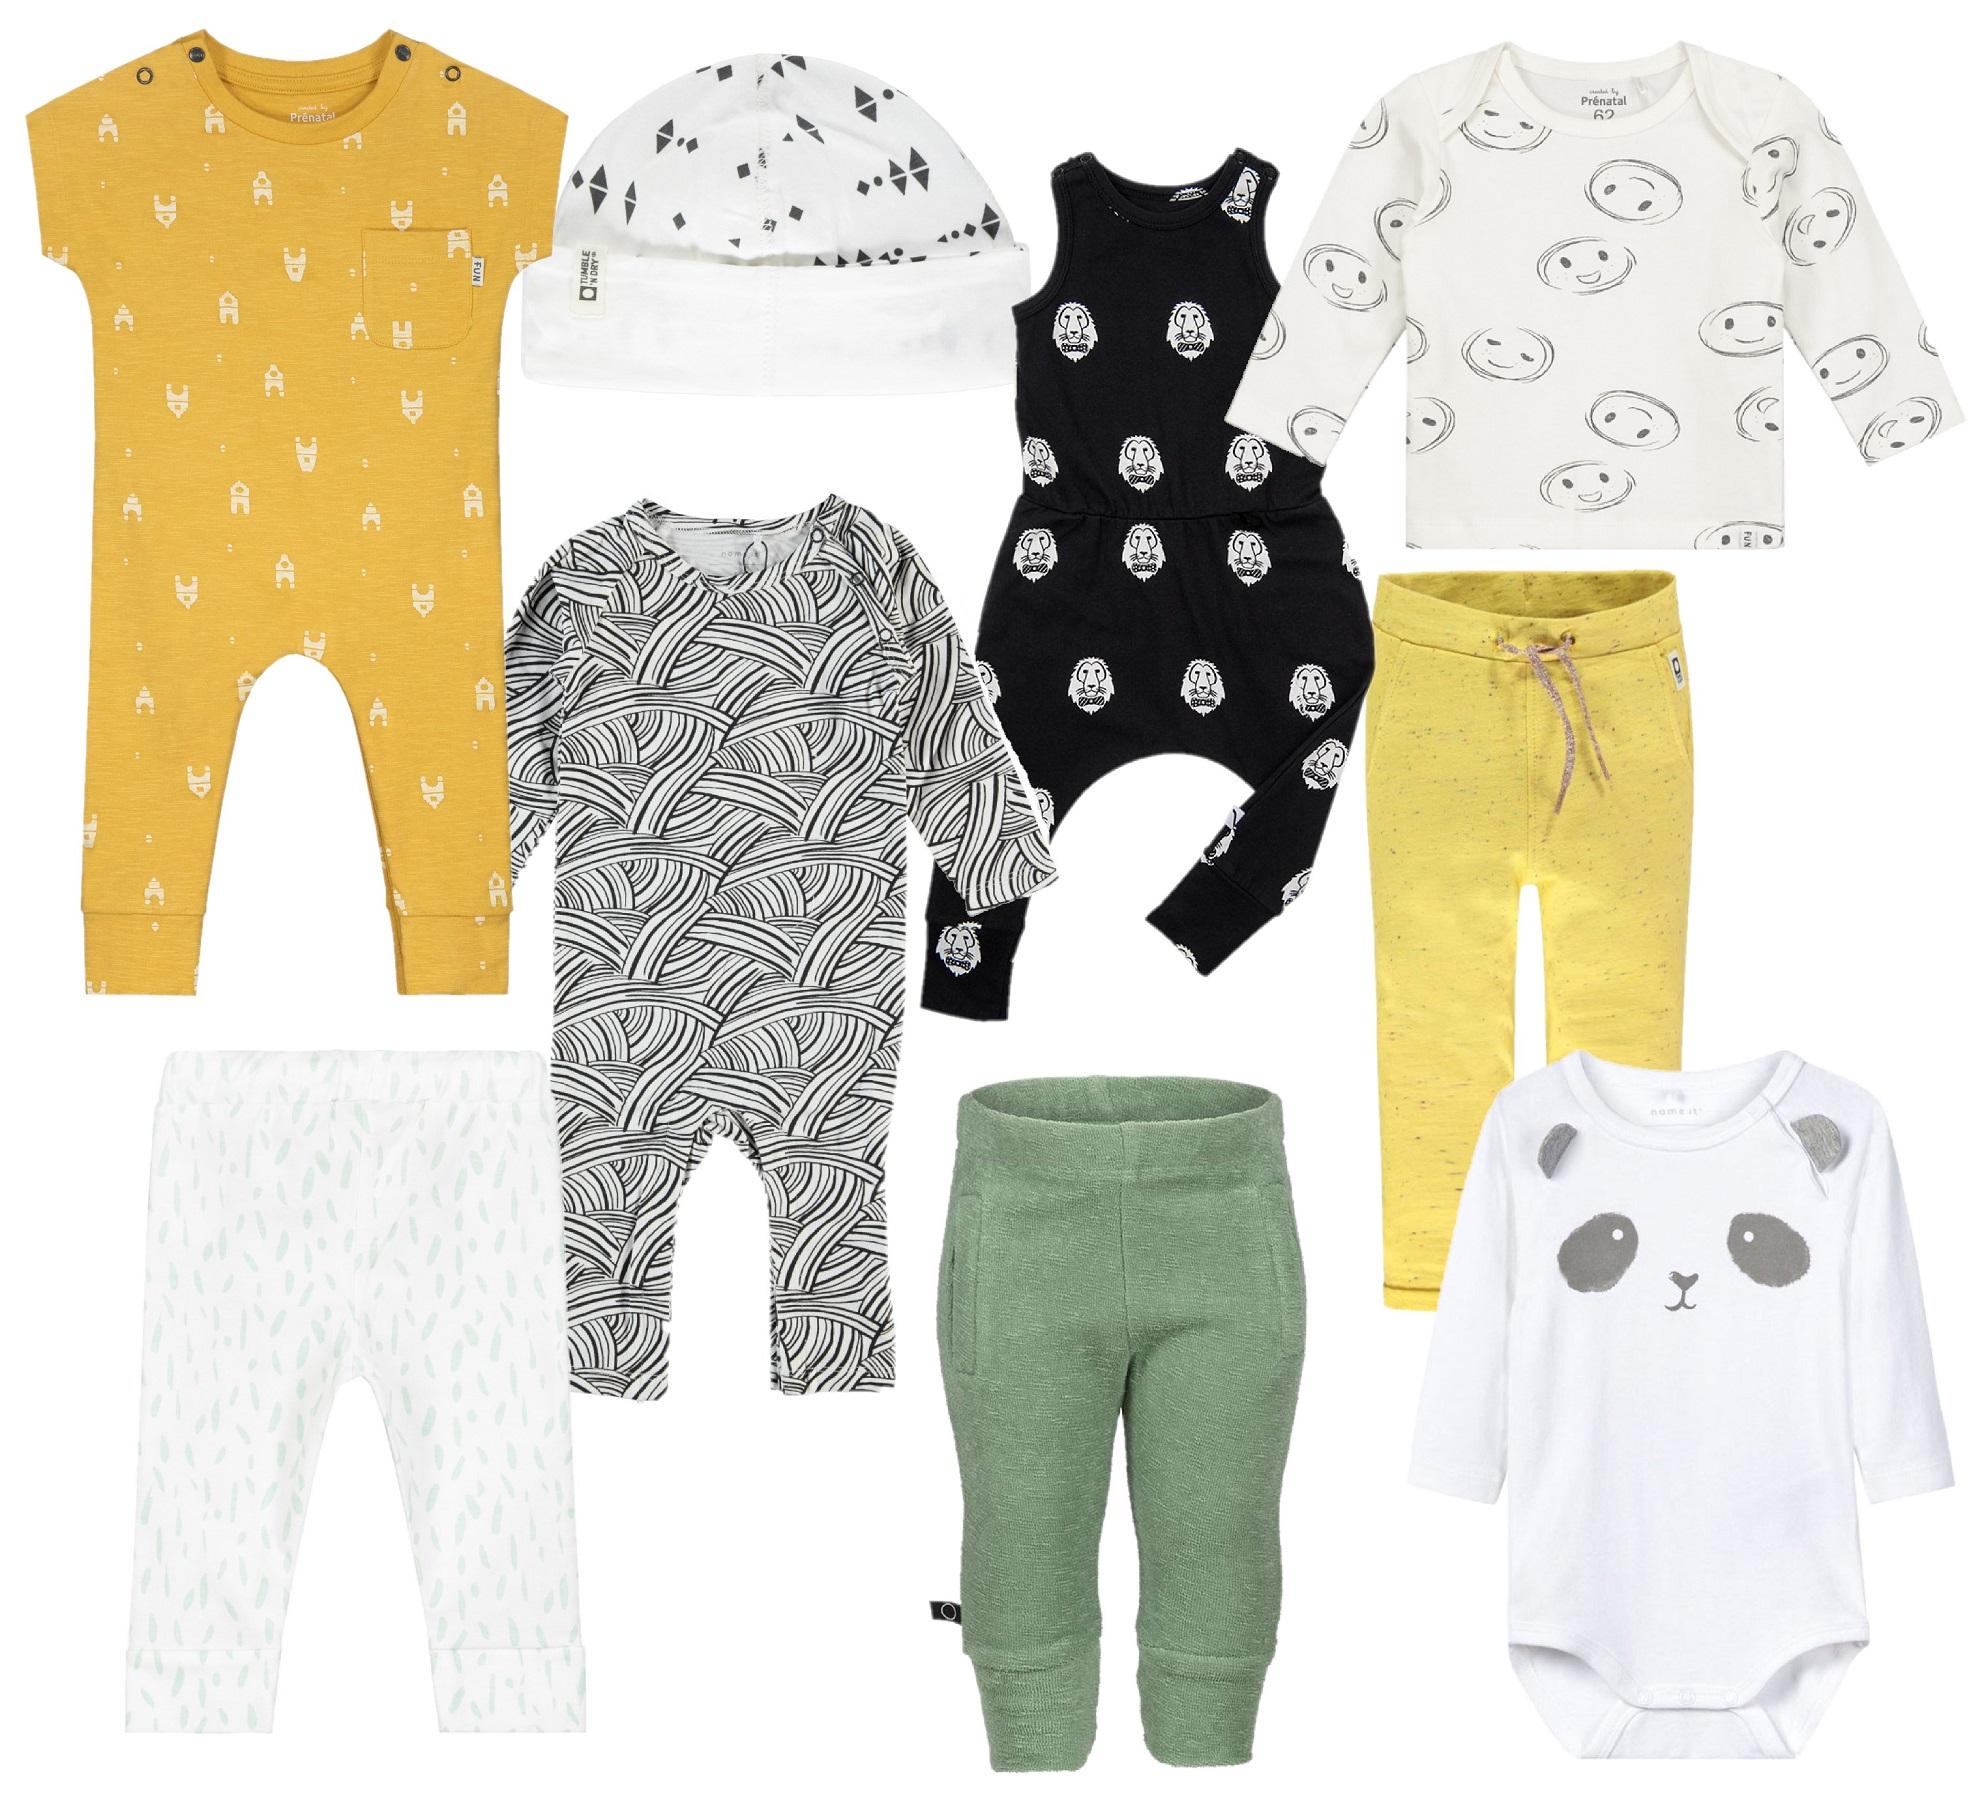 Unisex Babykleding.Unisex Babykleding De Leukste Kleertjes Gespot Babylabel